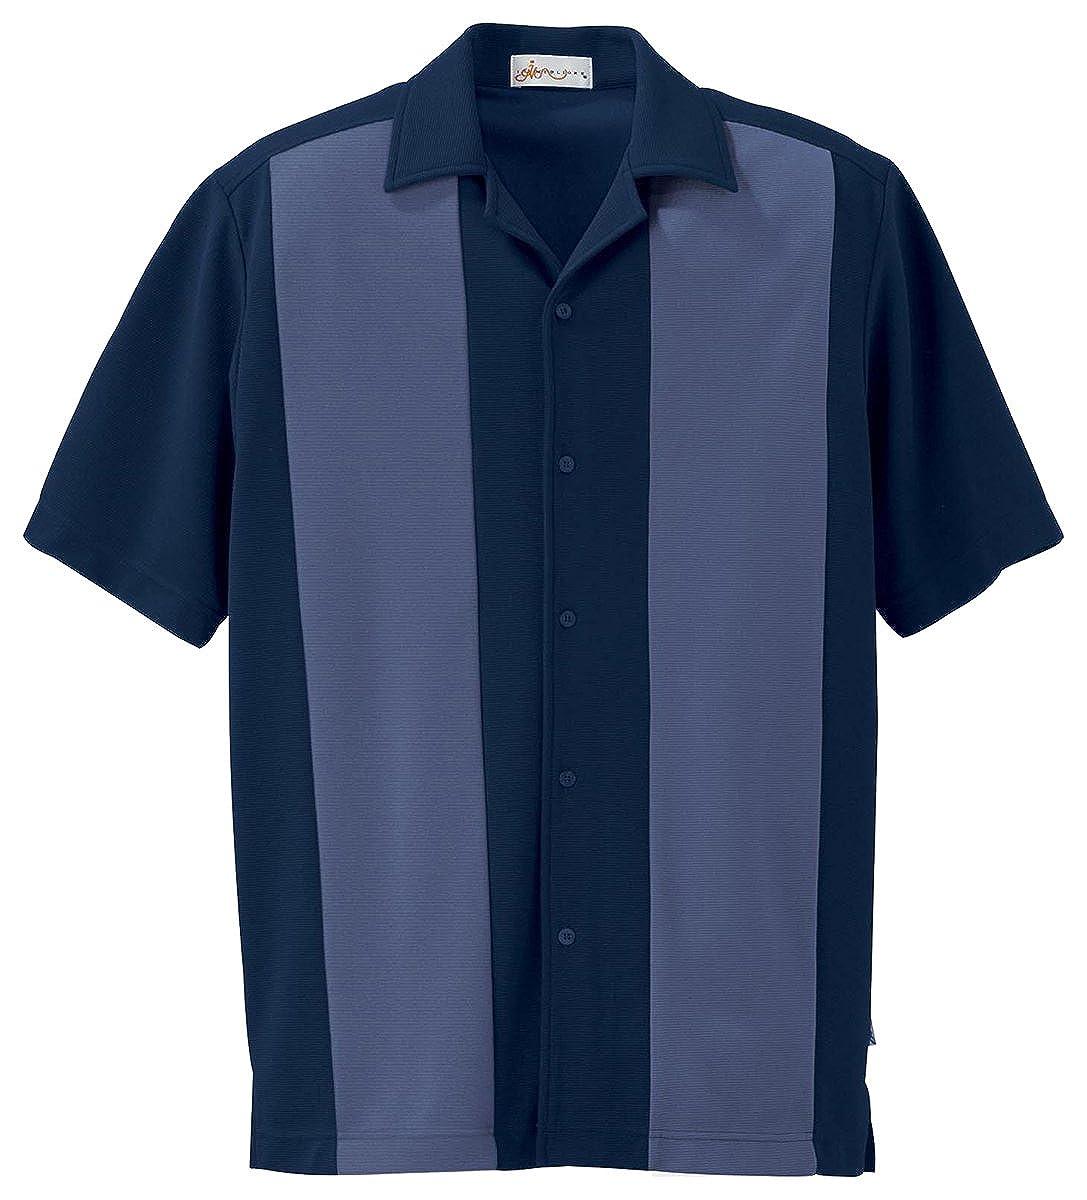 87017 Men's Ottoman Color-Block Camp Shirt Ash City Vintage M10624